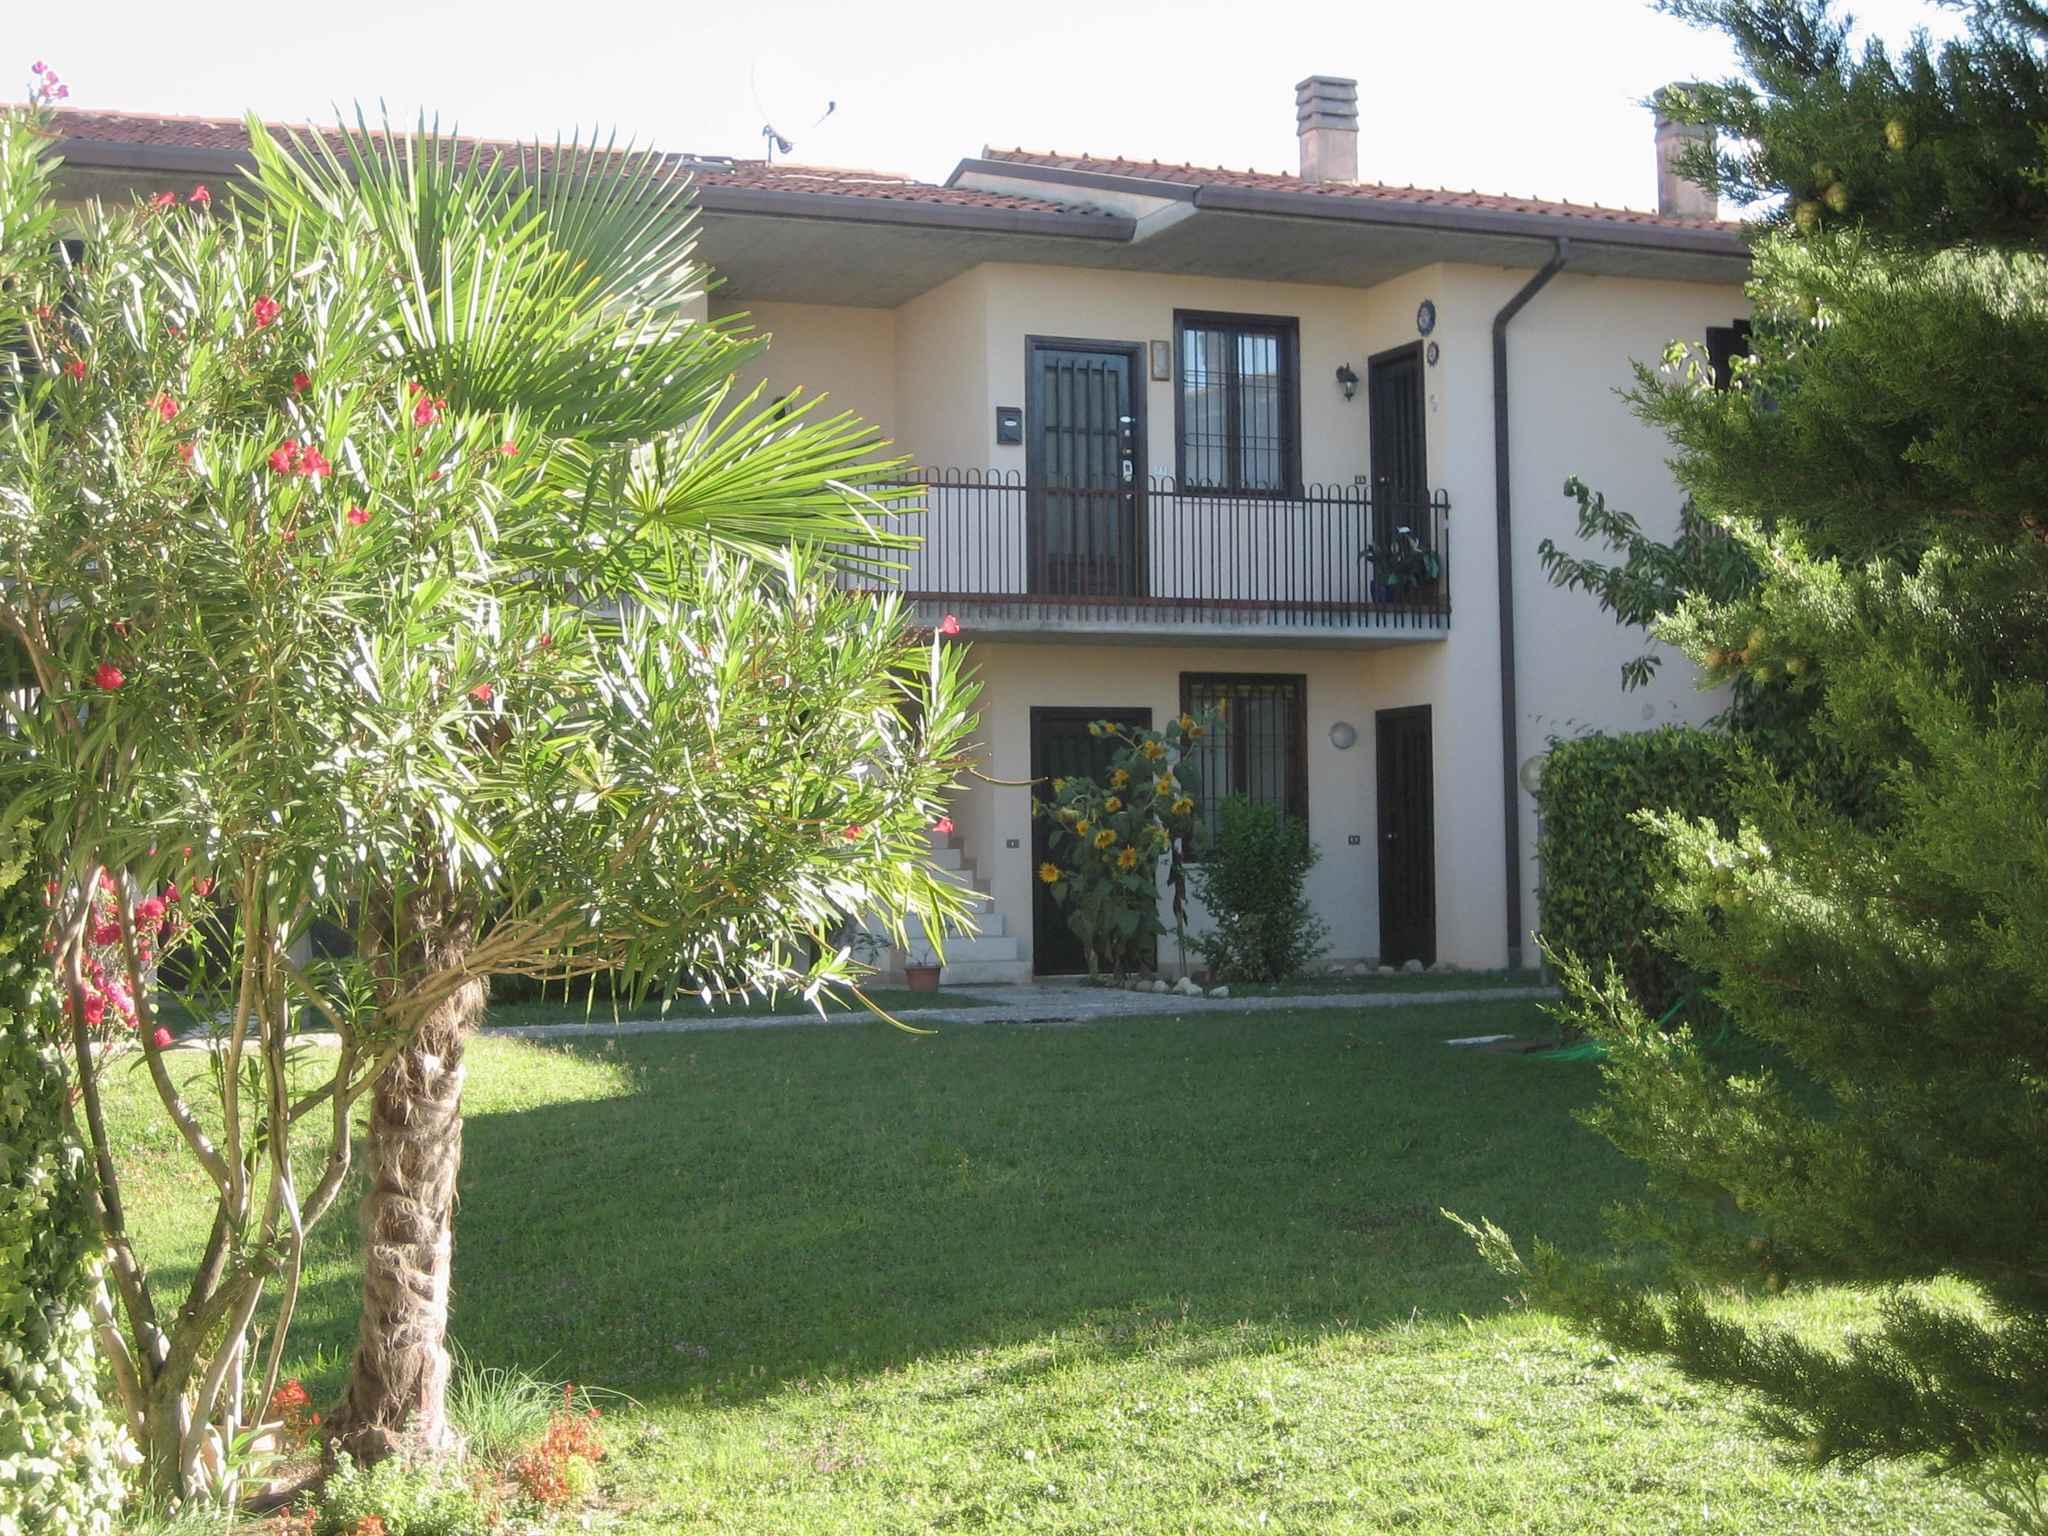 Ferienwohnung Residence Sole del Garda (279560), Lazise, Gardasee, Venetien, Italien, Bild 2